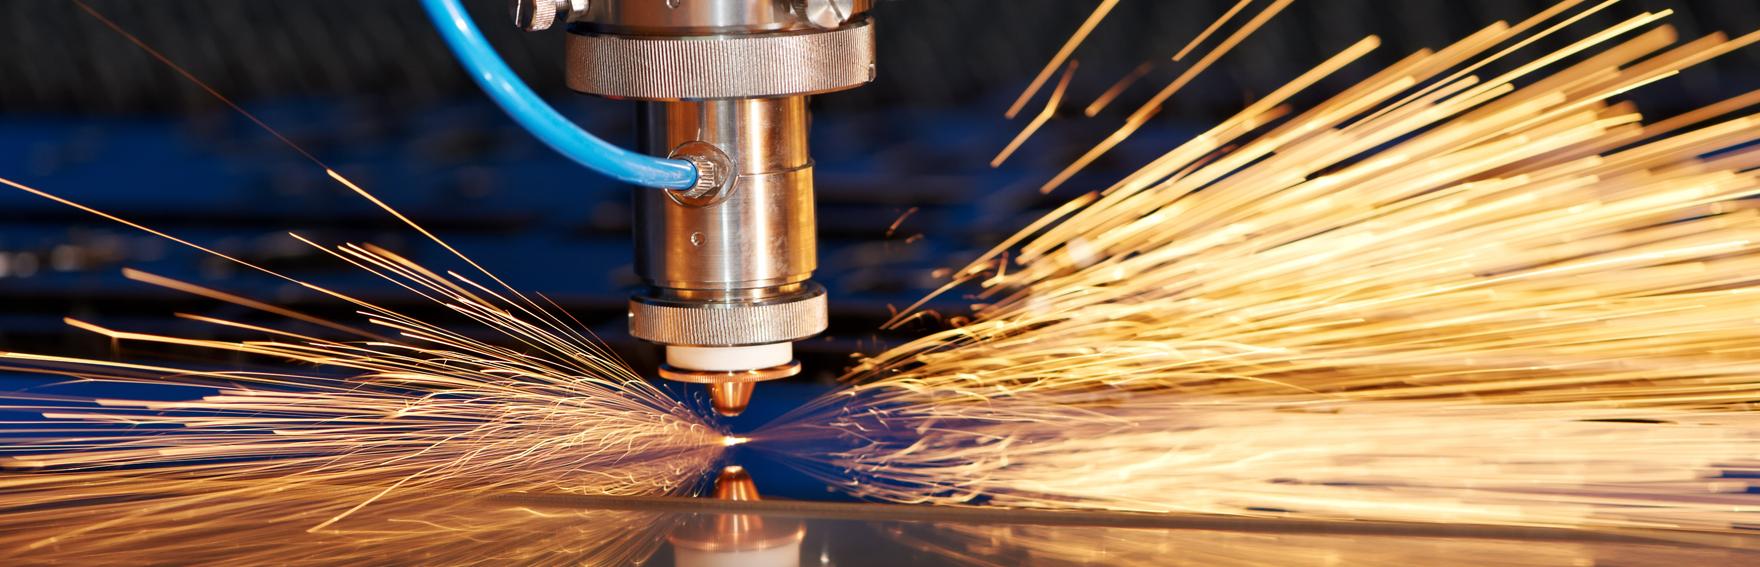 Taglio laser su tubo a Brescia